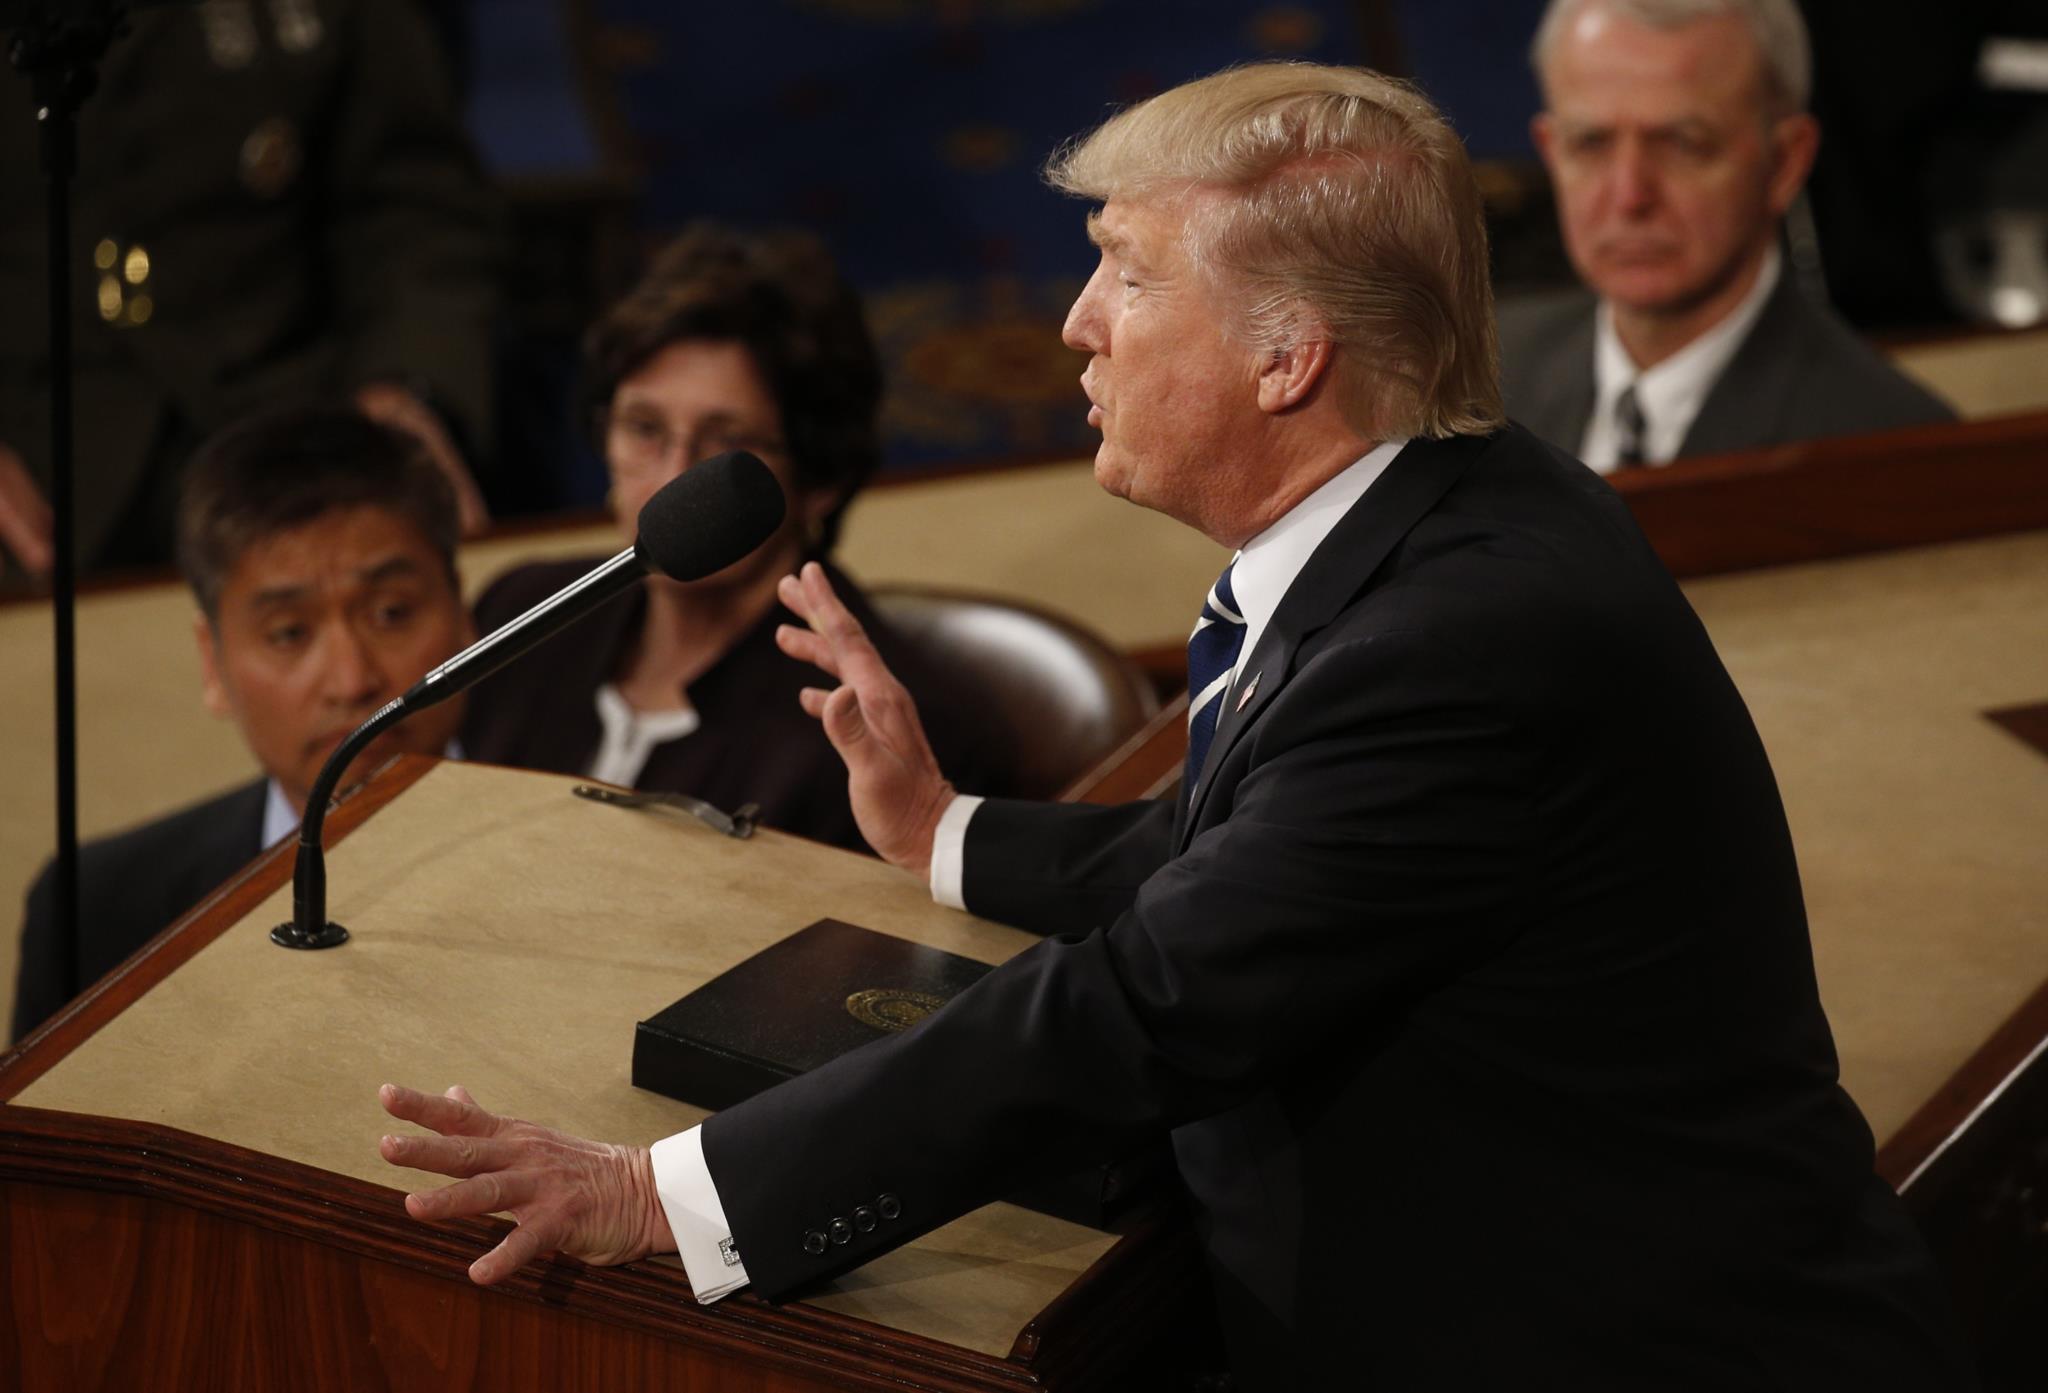 PÚBLICO - Um Trump mais presidenciável, mas que ainda tem Washington para convencer